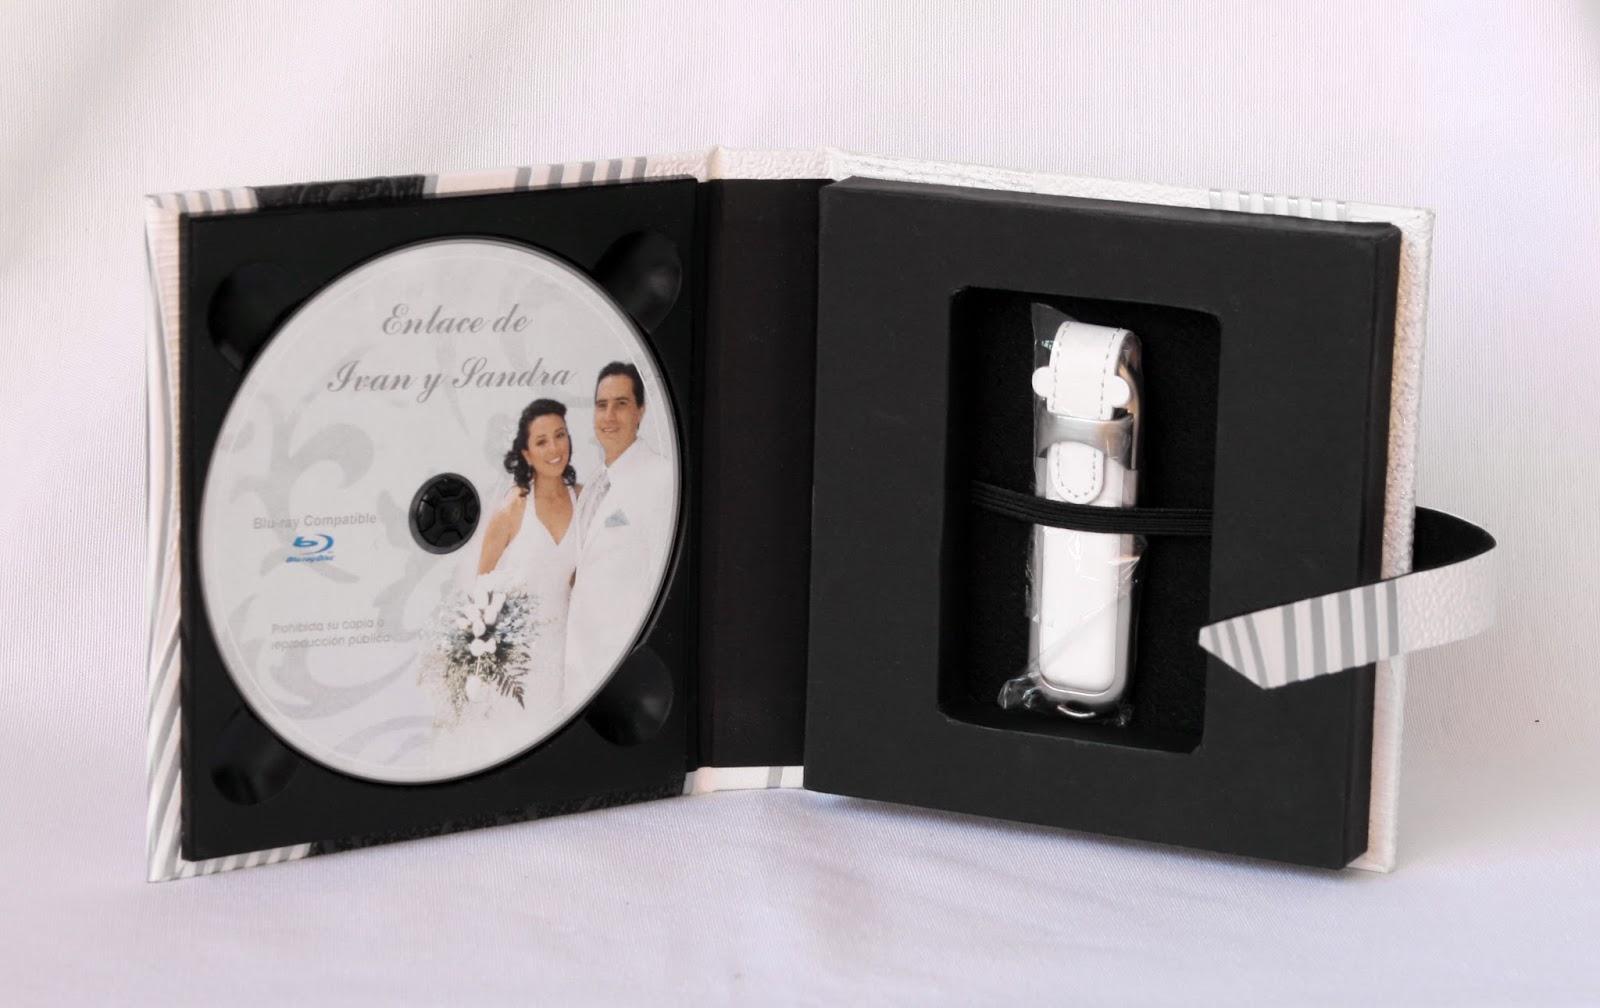 Estuche para 1 DVD y USB abierto